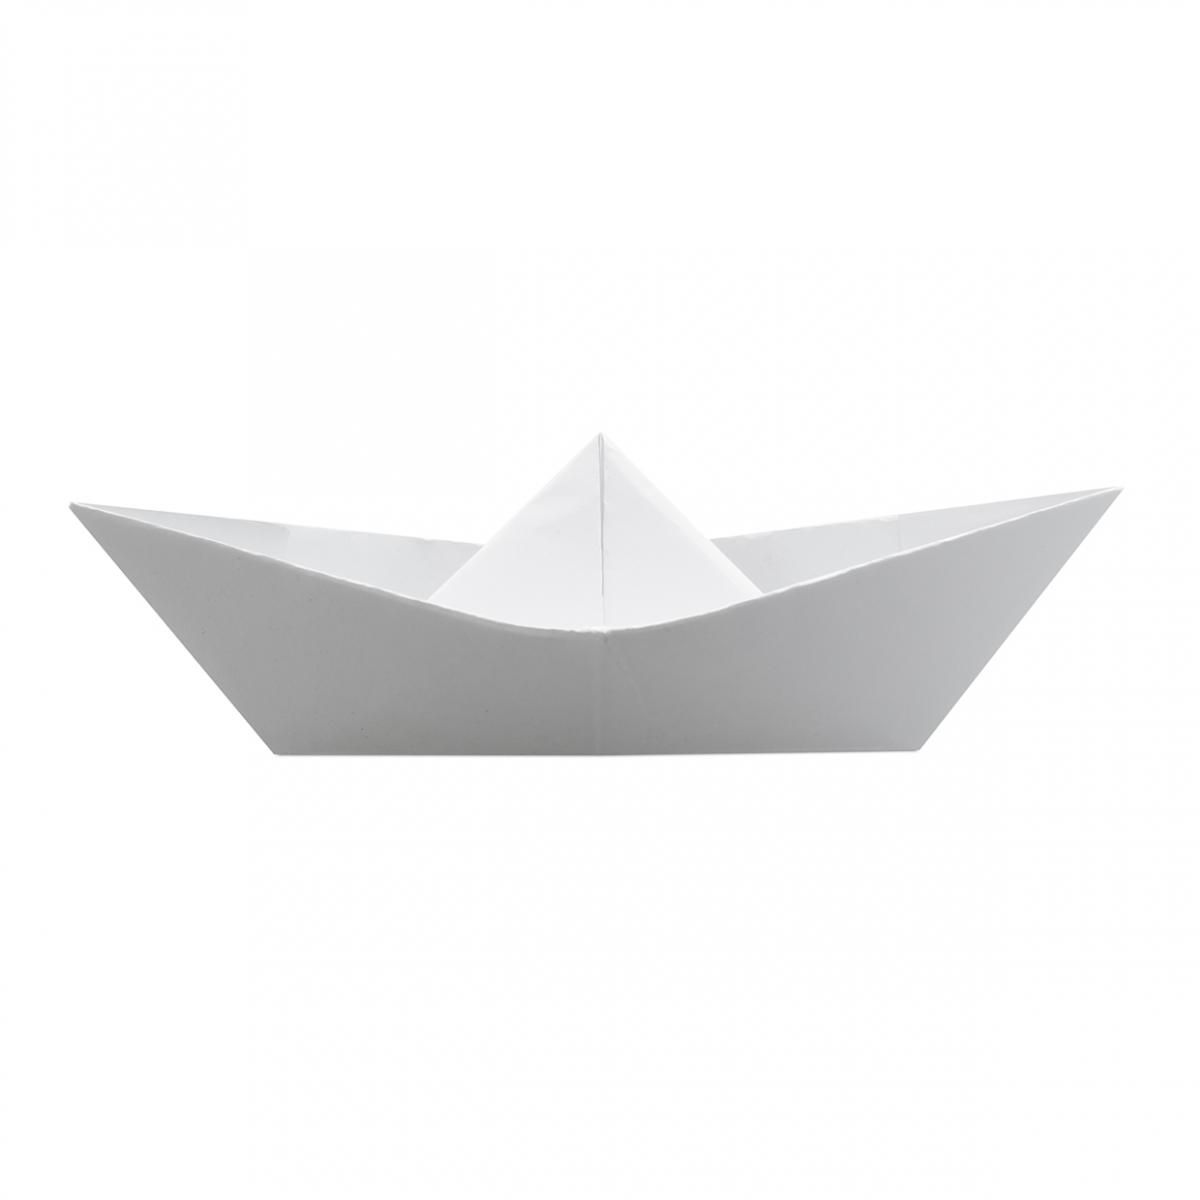 Imagen en la que se ve un barco de papel